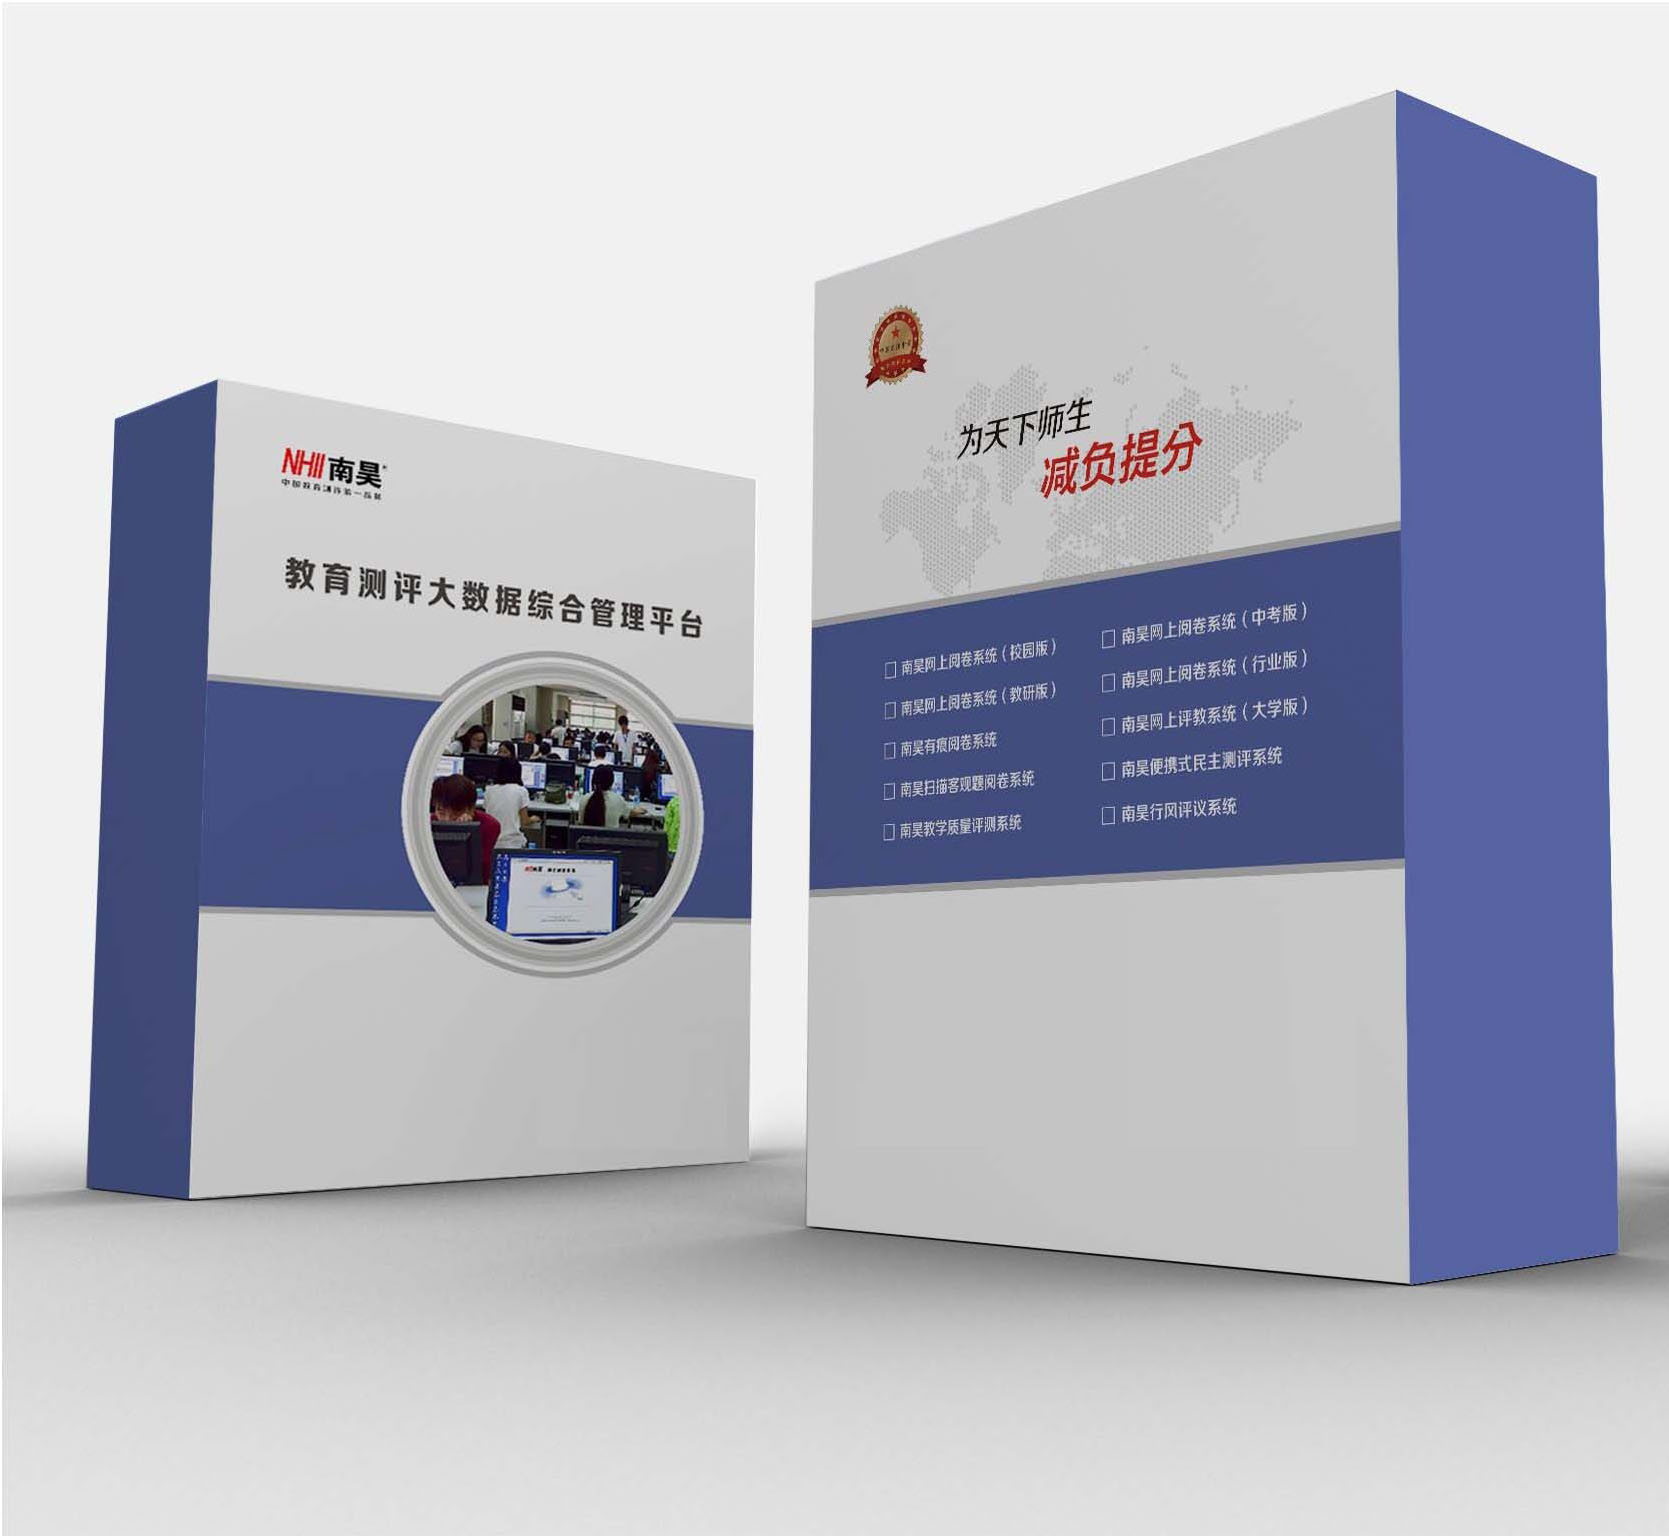 怒江州答题卡阅卷系统 答题卡阅卷系统供应商|新闻动态-河北文柏云考科技发展有限公司